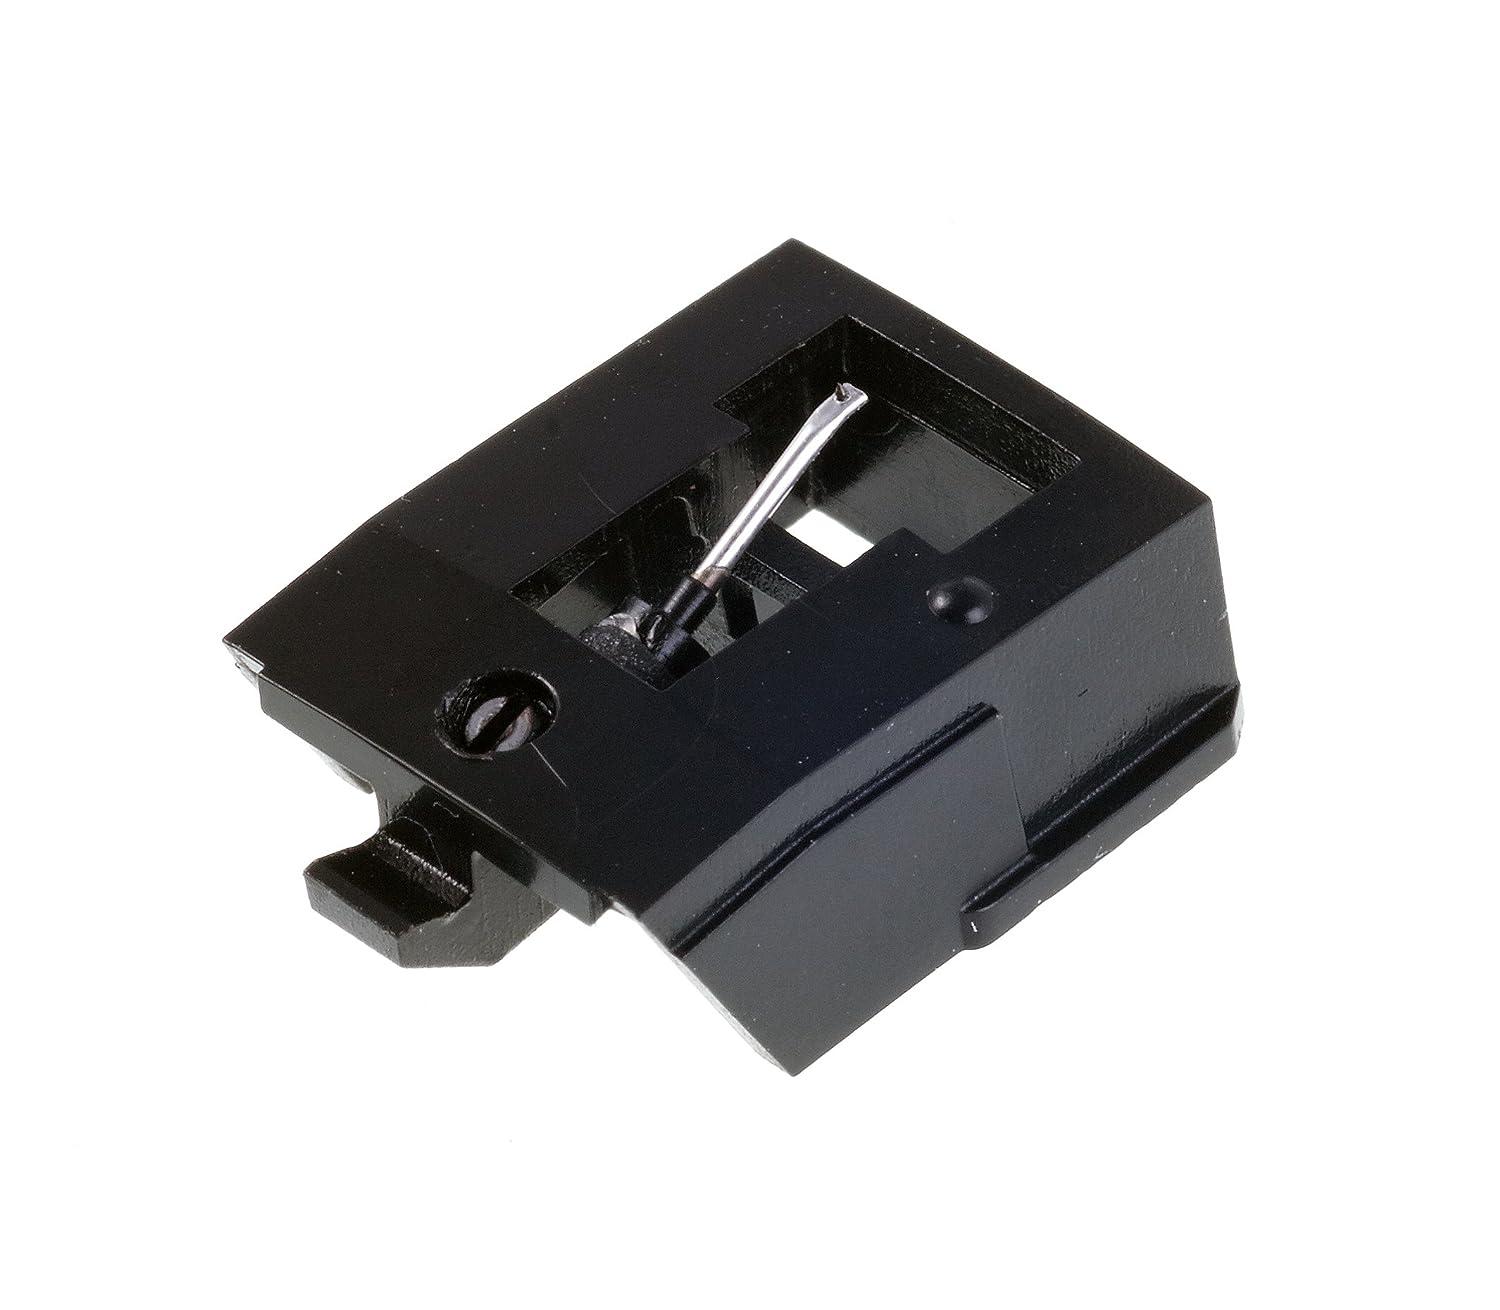 Aguja para Tocadiscos LX 30 de Aiwa: Amazon.es: Electrónica